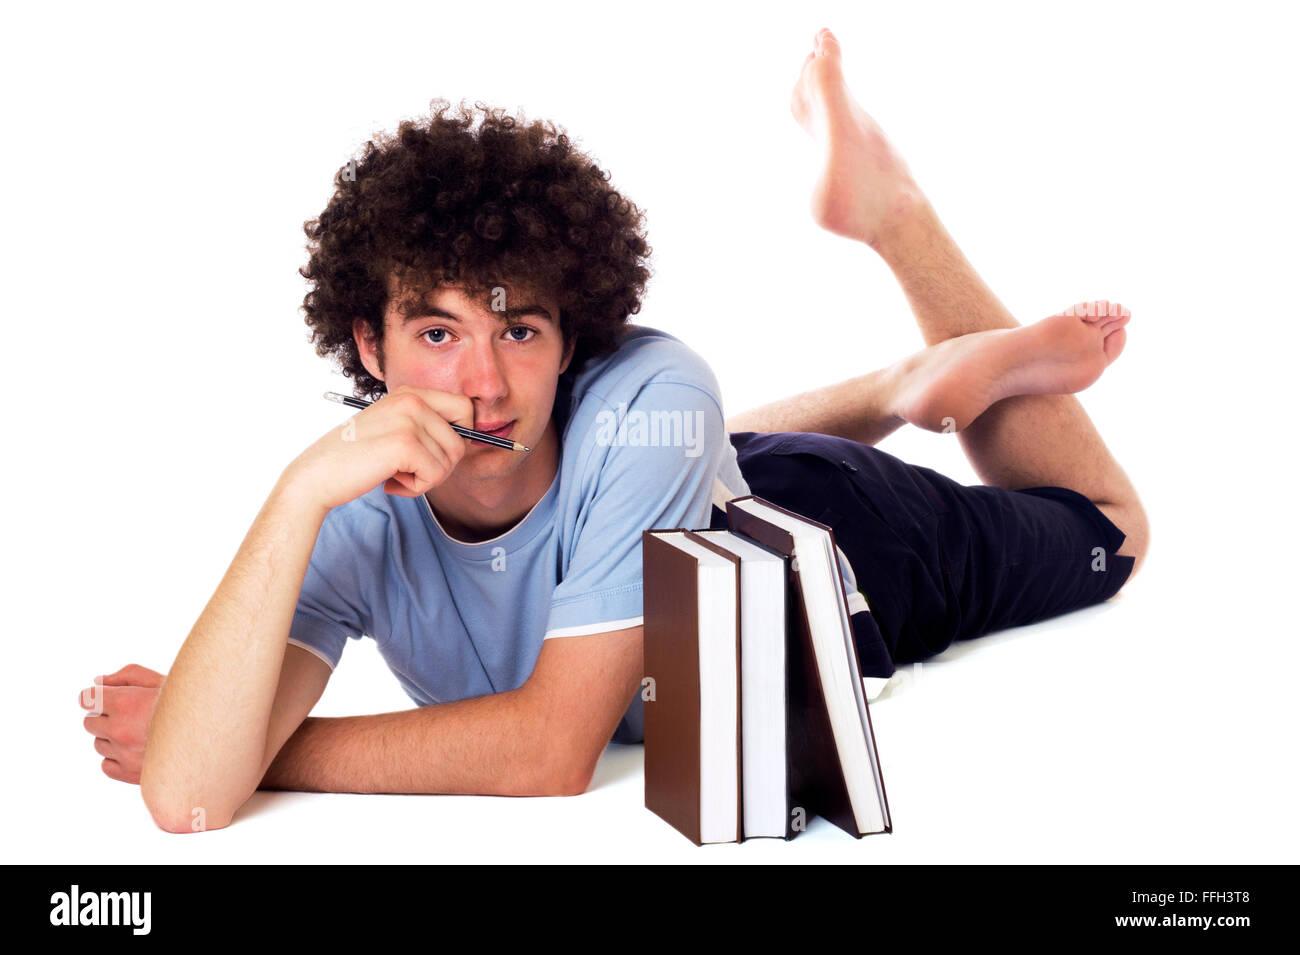 Pensativo adolescente con libros tumbado en el suelo y ha abatido la apariencia. Aislado en blanco. Imagen De Stock